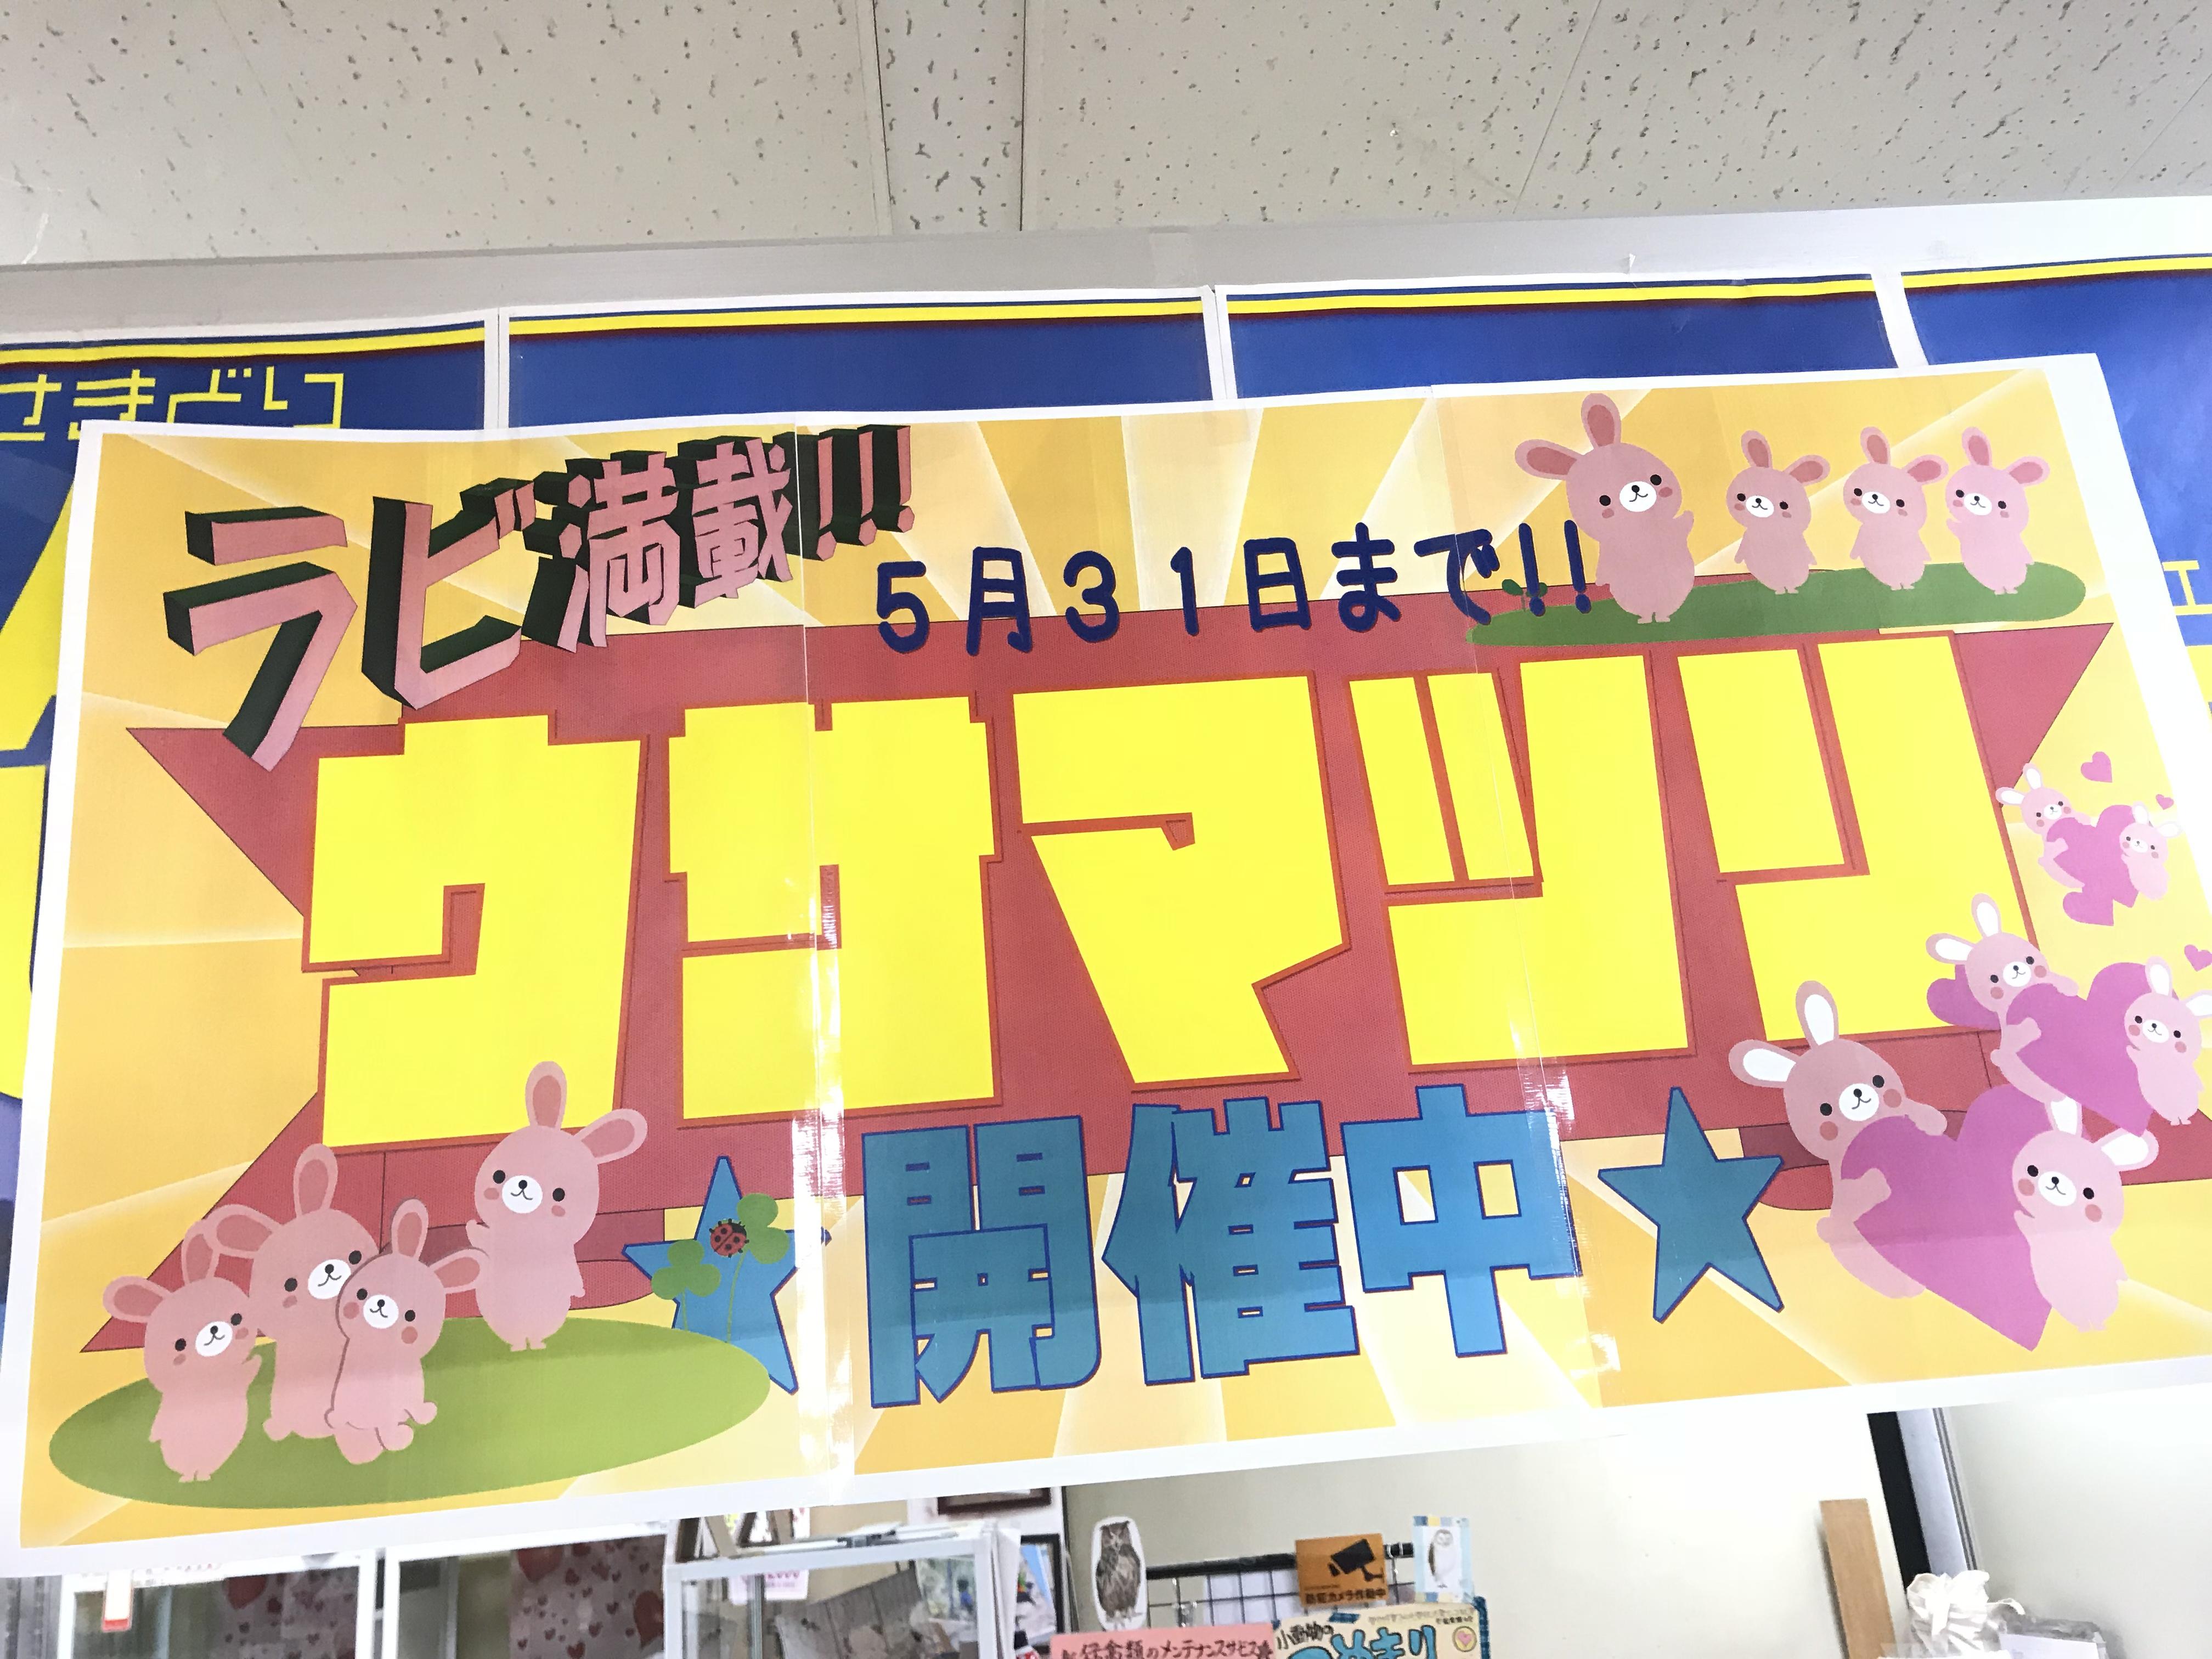 【インター小動物】大好評!!ウサ祭り開催中〜(*´꒳`*)♪可愛いベビベビちゃんがいっぱいです♪